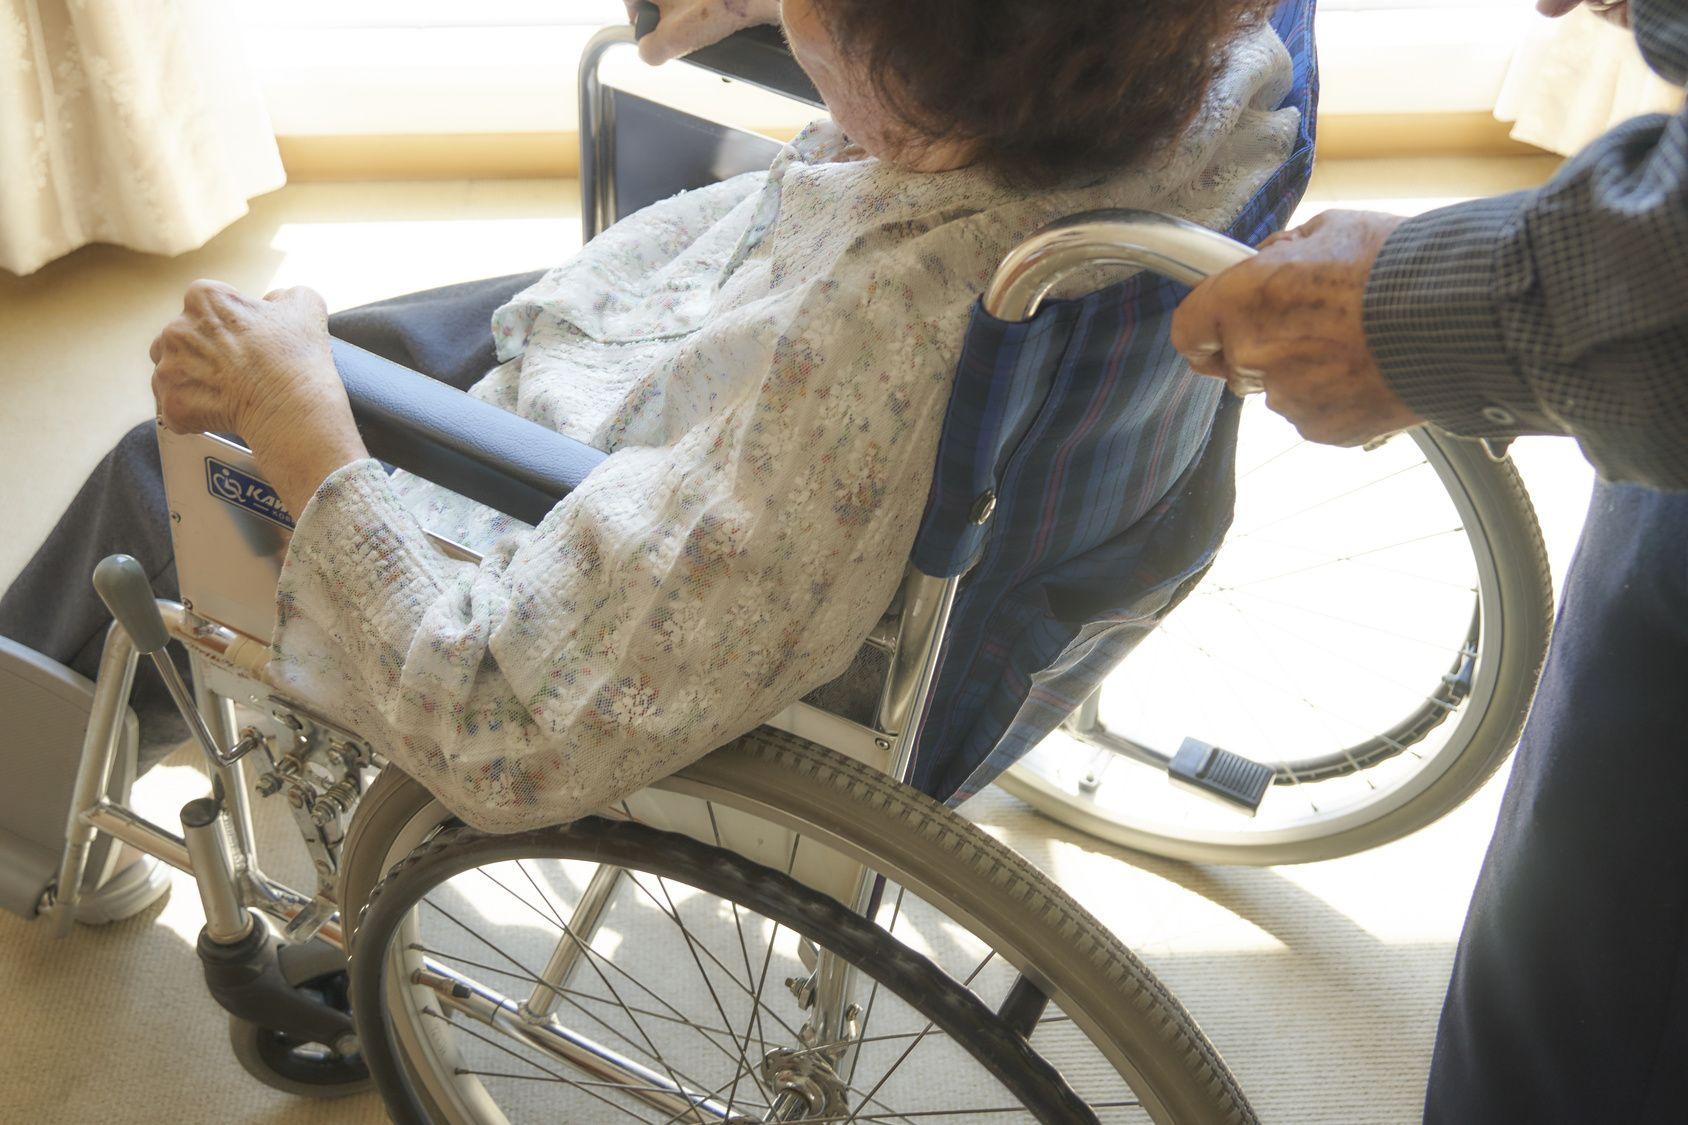 患者的接送/患者さんの移送